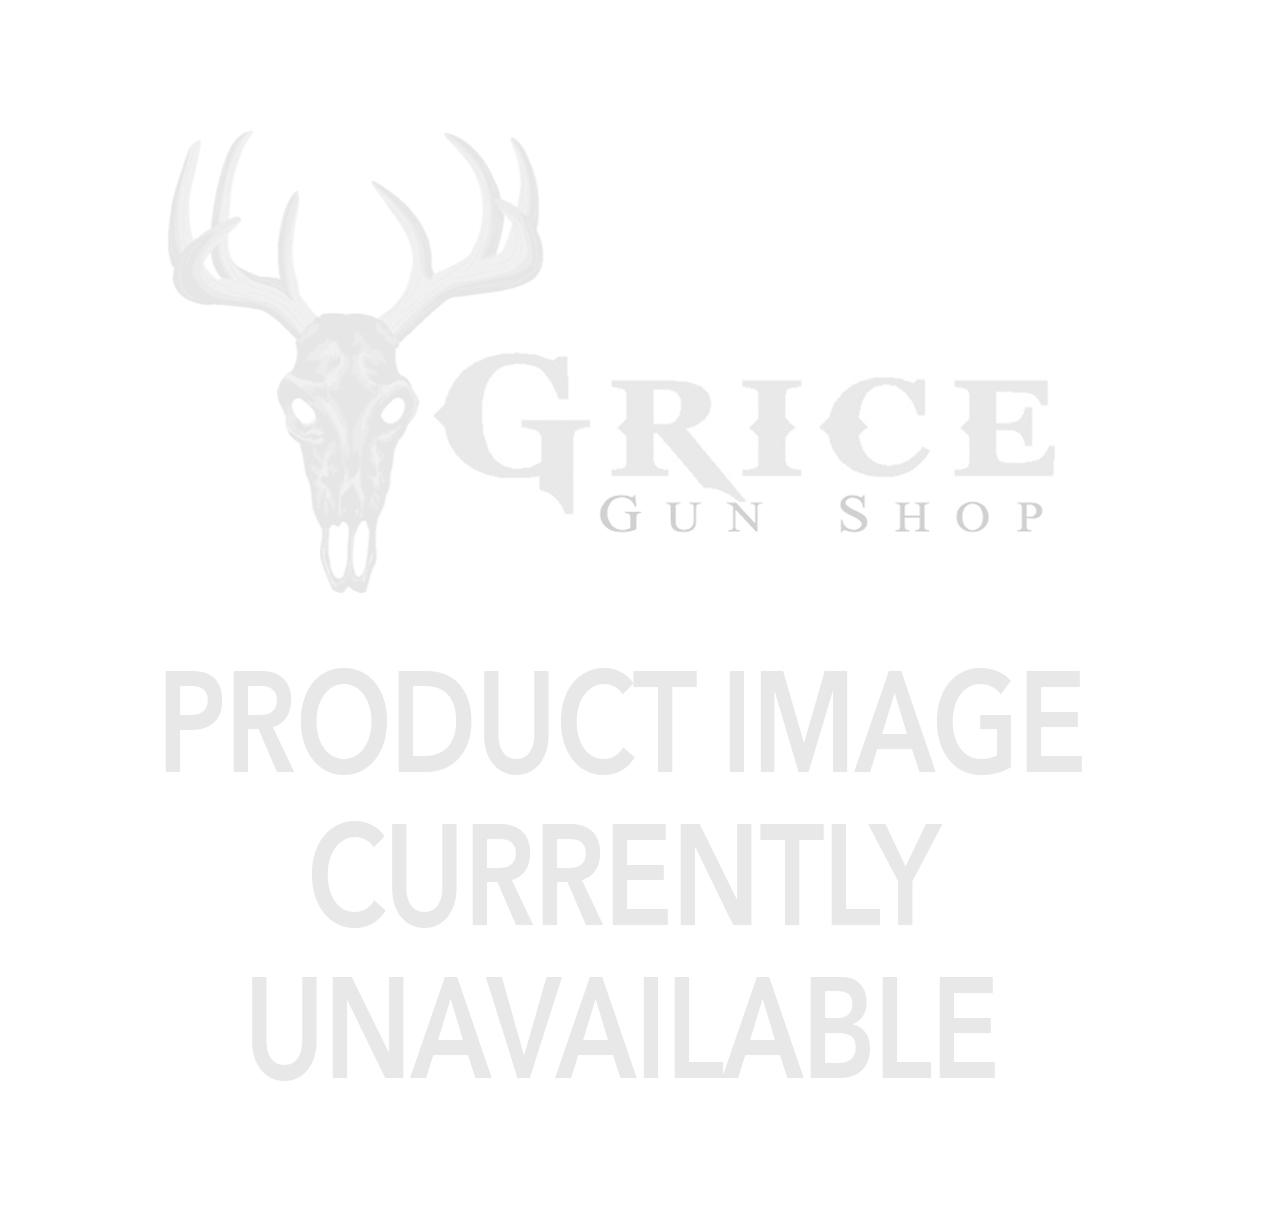 CrimsonTrace - LaserGrips-S&W M&P M2.0 9MM/40S&W & 45ACP